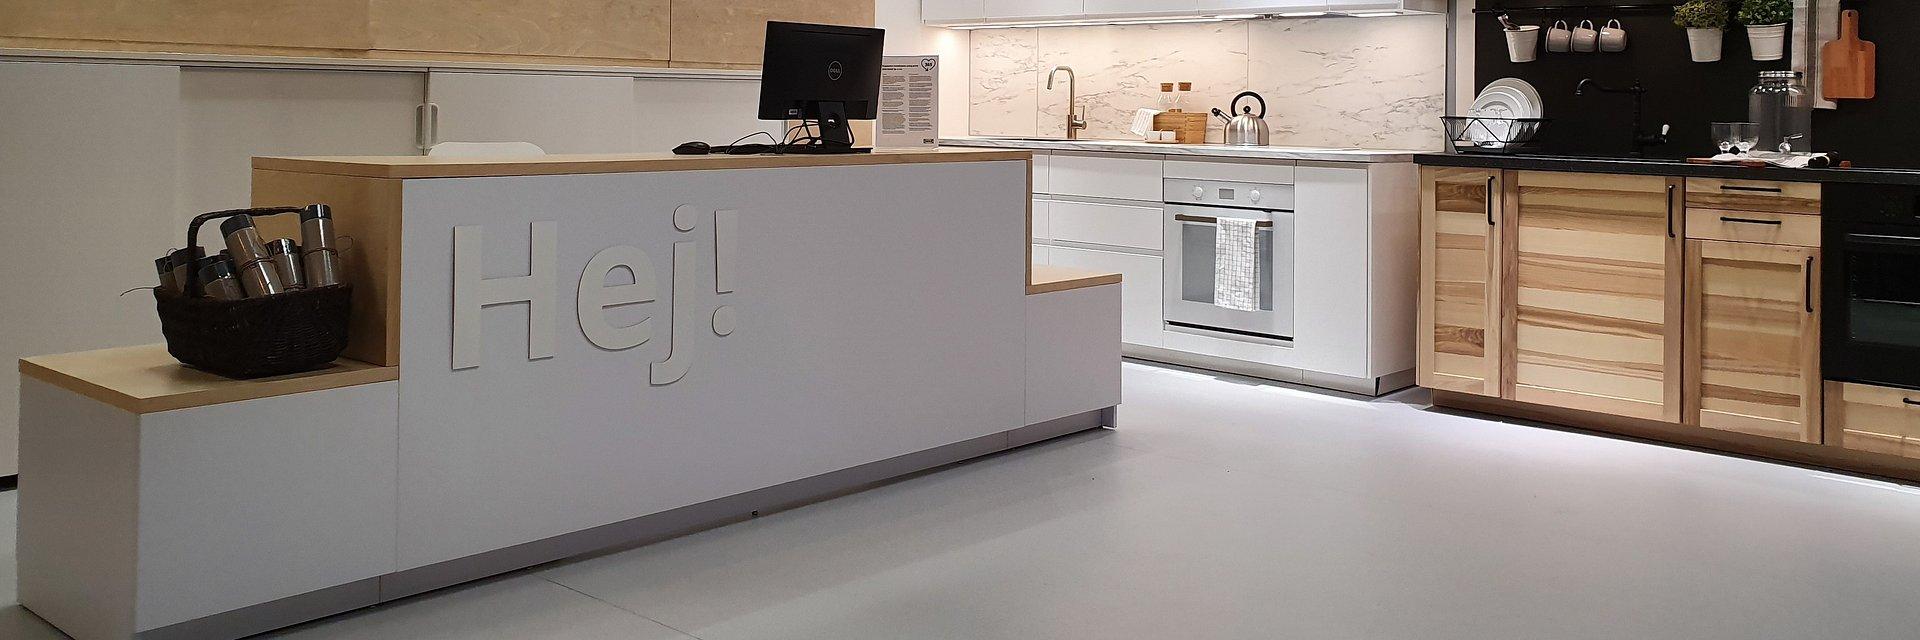 IKEA Bliżej – otwarcie Punktu Odbioru Zamówień IKEA